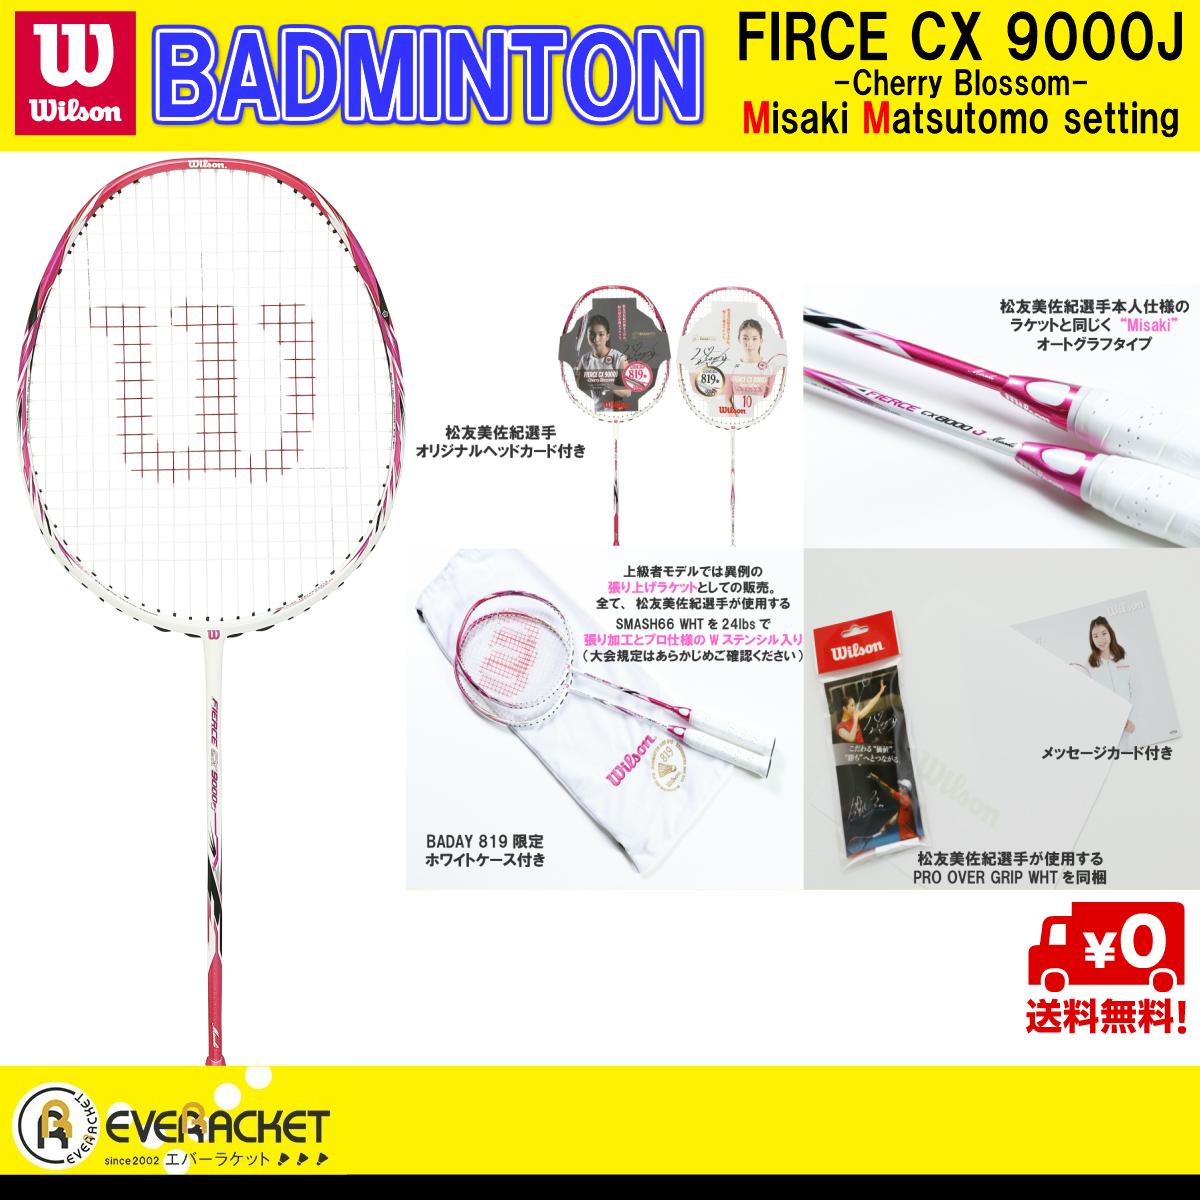 【お買い物マラソン限定ポイント5倍!11/4~11/10迄】【限定商品】Wilson ウイルソン バドミントン バドミントンラケット FIERCE CX9000J -Cherry Blossom- Misaki Matsutomo setting WR002210S2